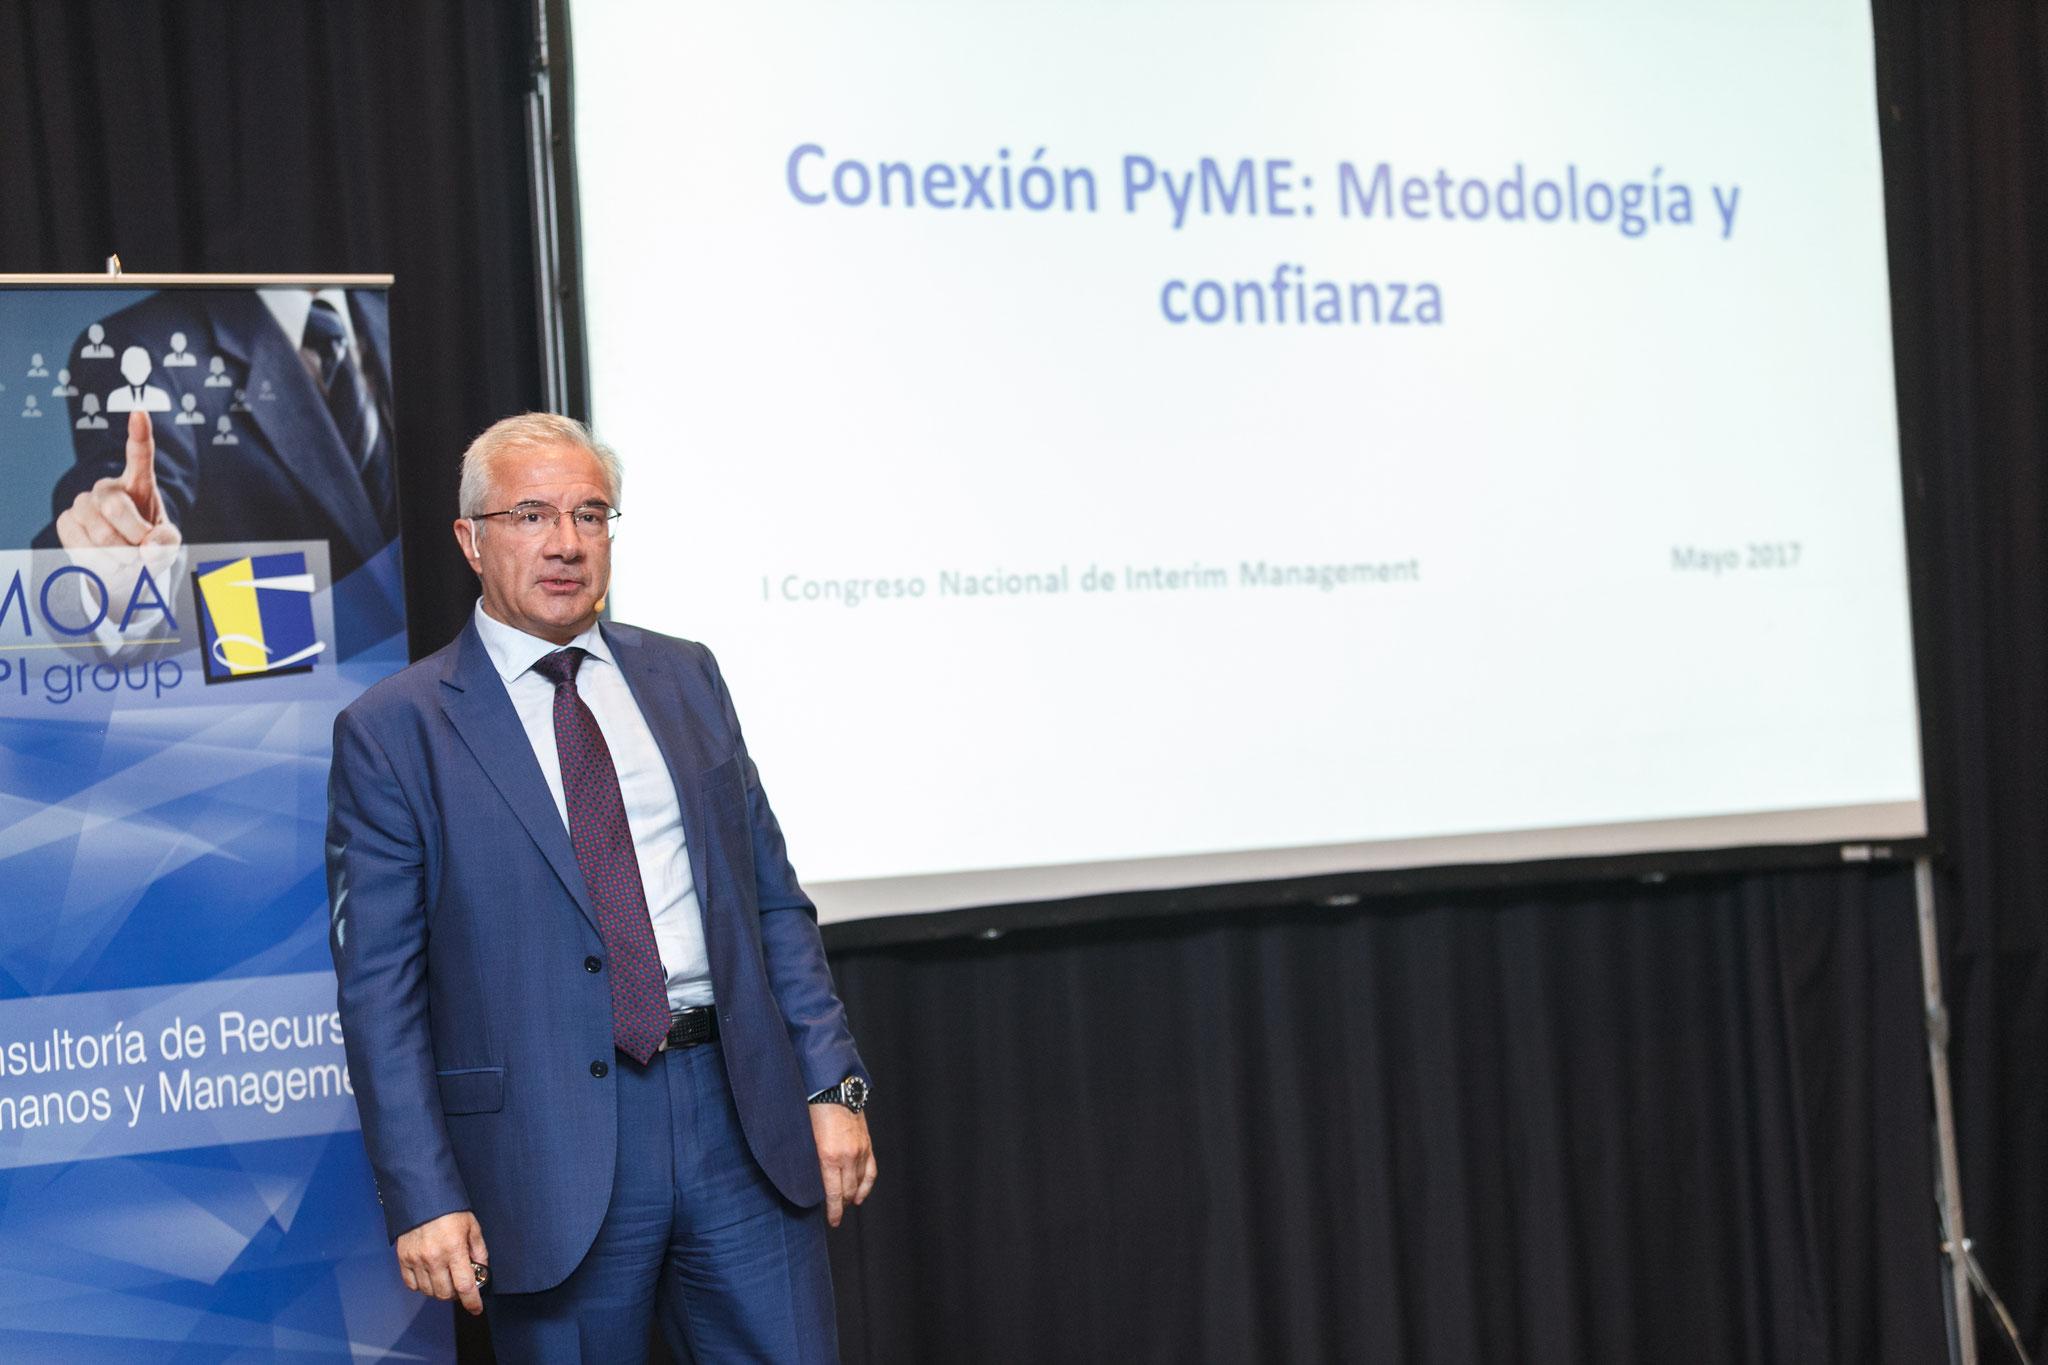 Conexión Pyme: metodología y confianza - Estanislao Reverter - Socio Exsequor Management